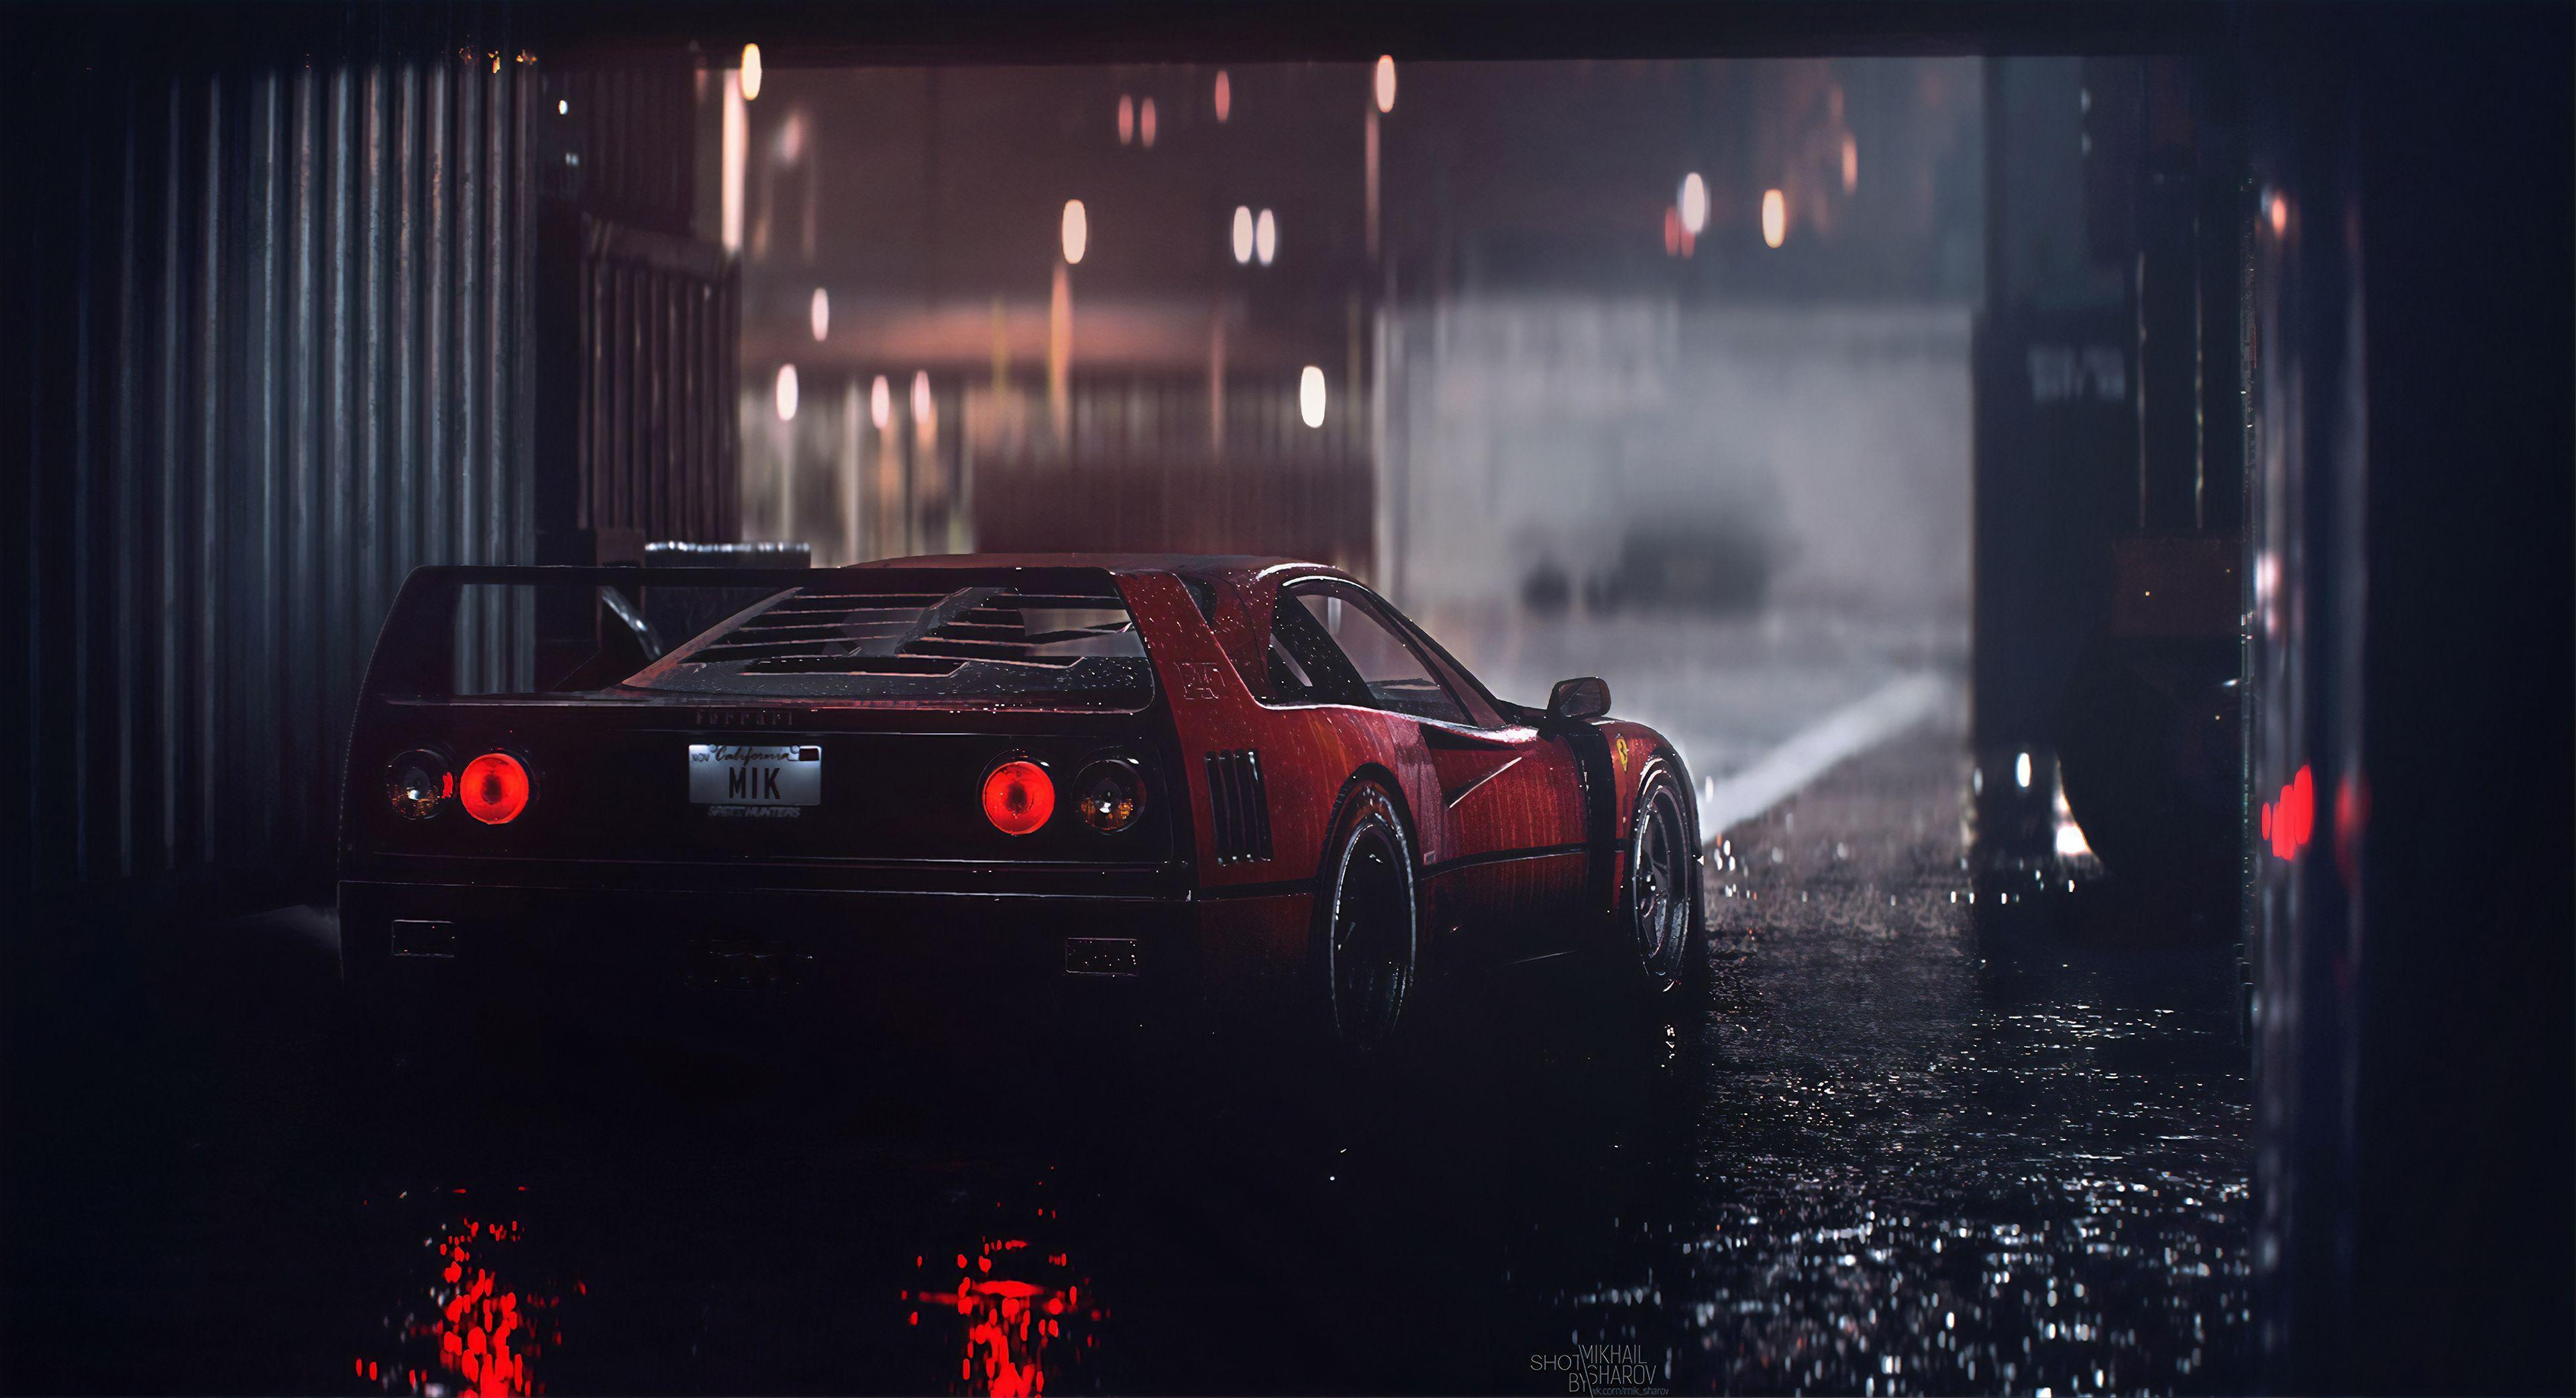 Download Ferrari F40 4K Wallpaper  Pictures